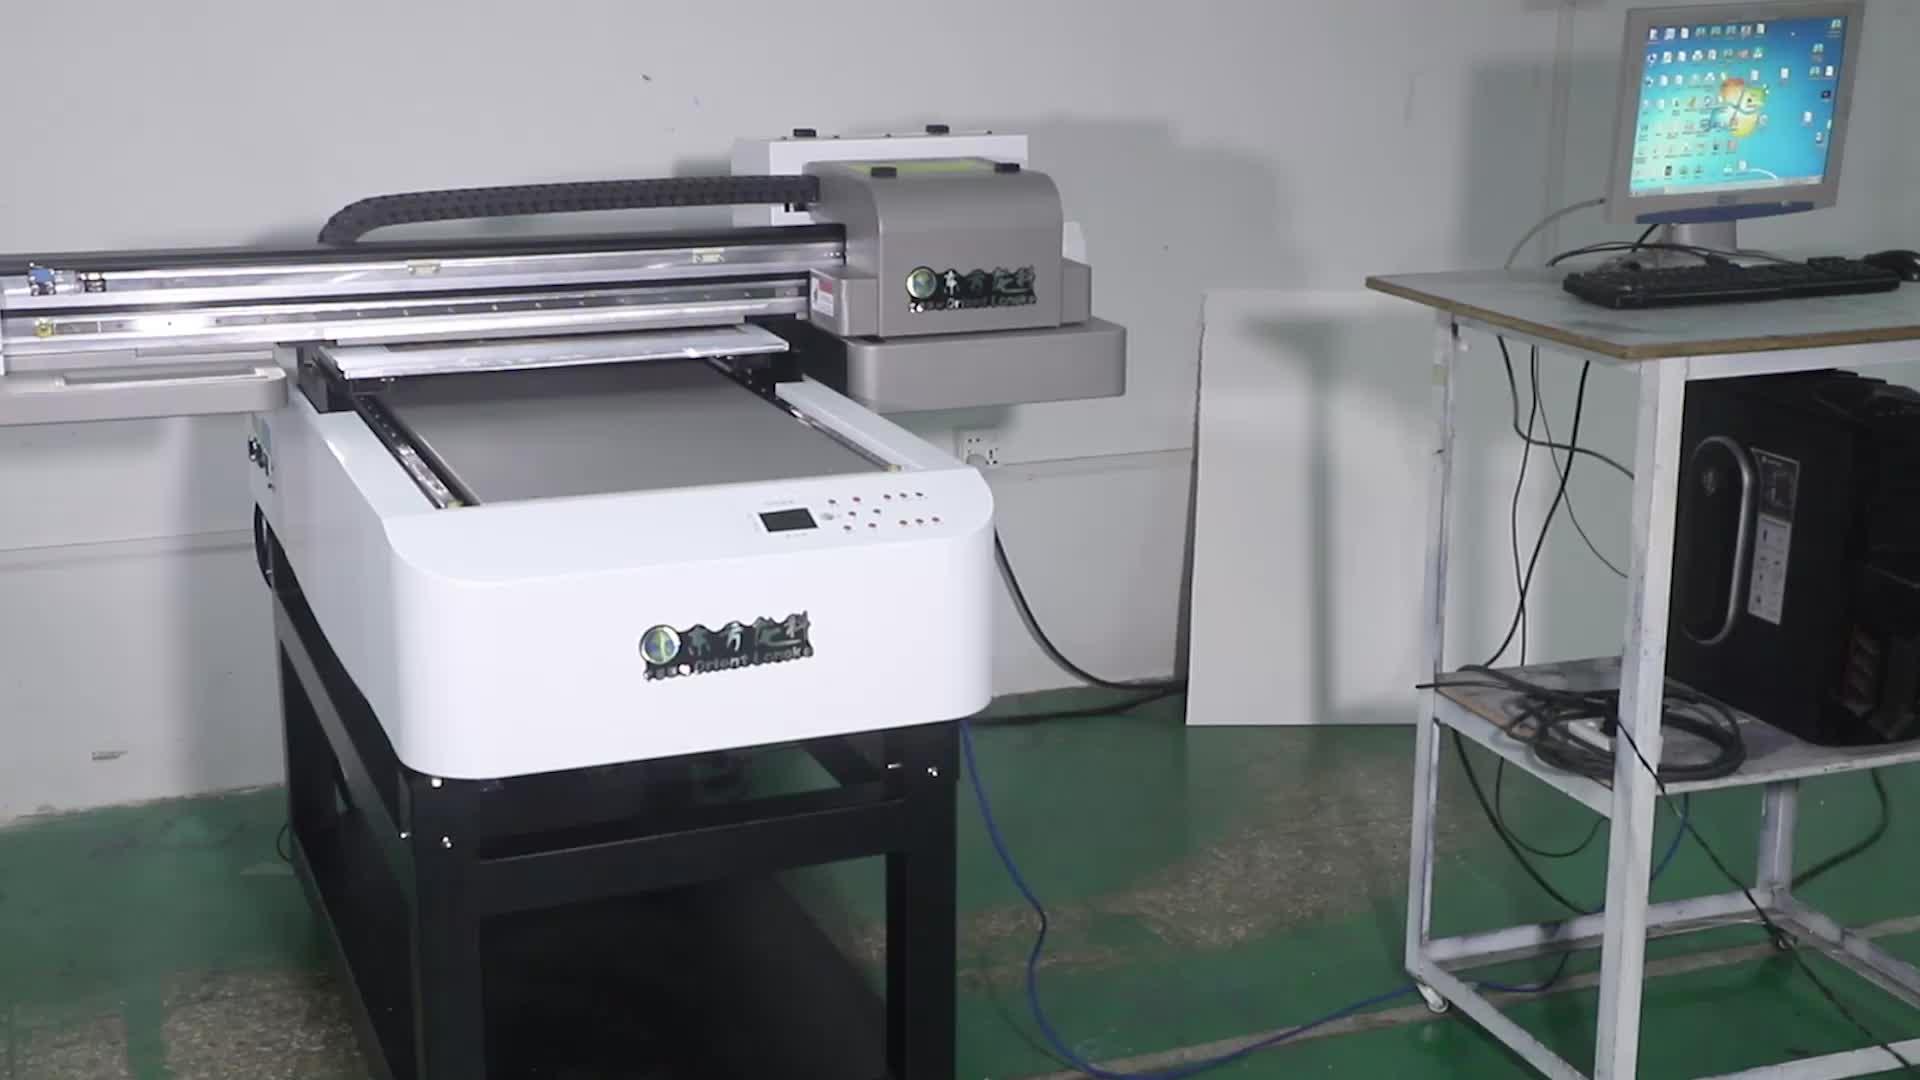 पीवीसी कार्ड प्रिंटर और उभरा मशीन उच्च संकल्प इन्फिनिटी विलायक प्रिंटर/सिरेमिक डिजिटल inkjet मुद्रण मशीन